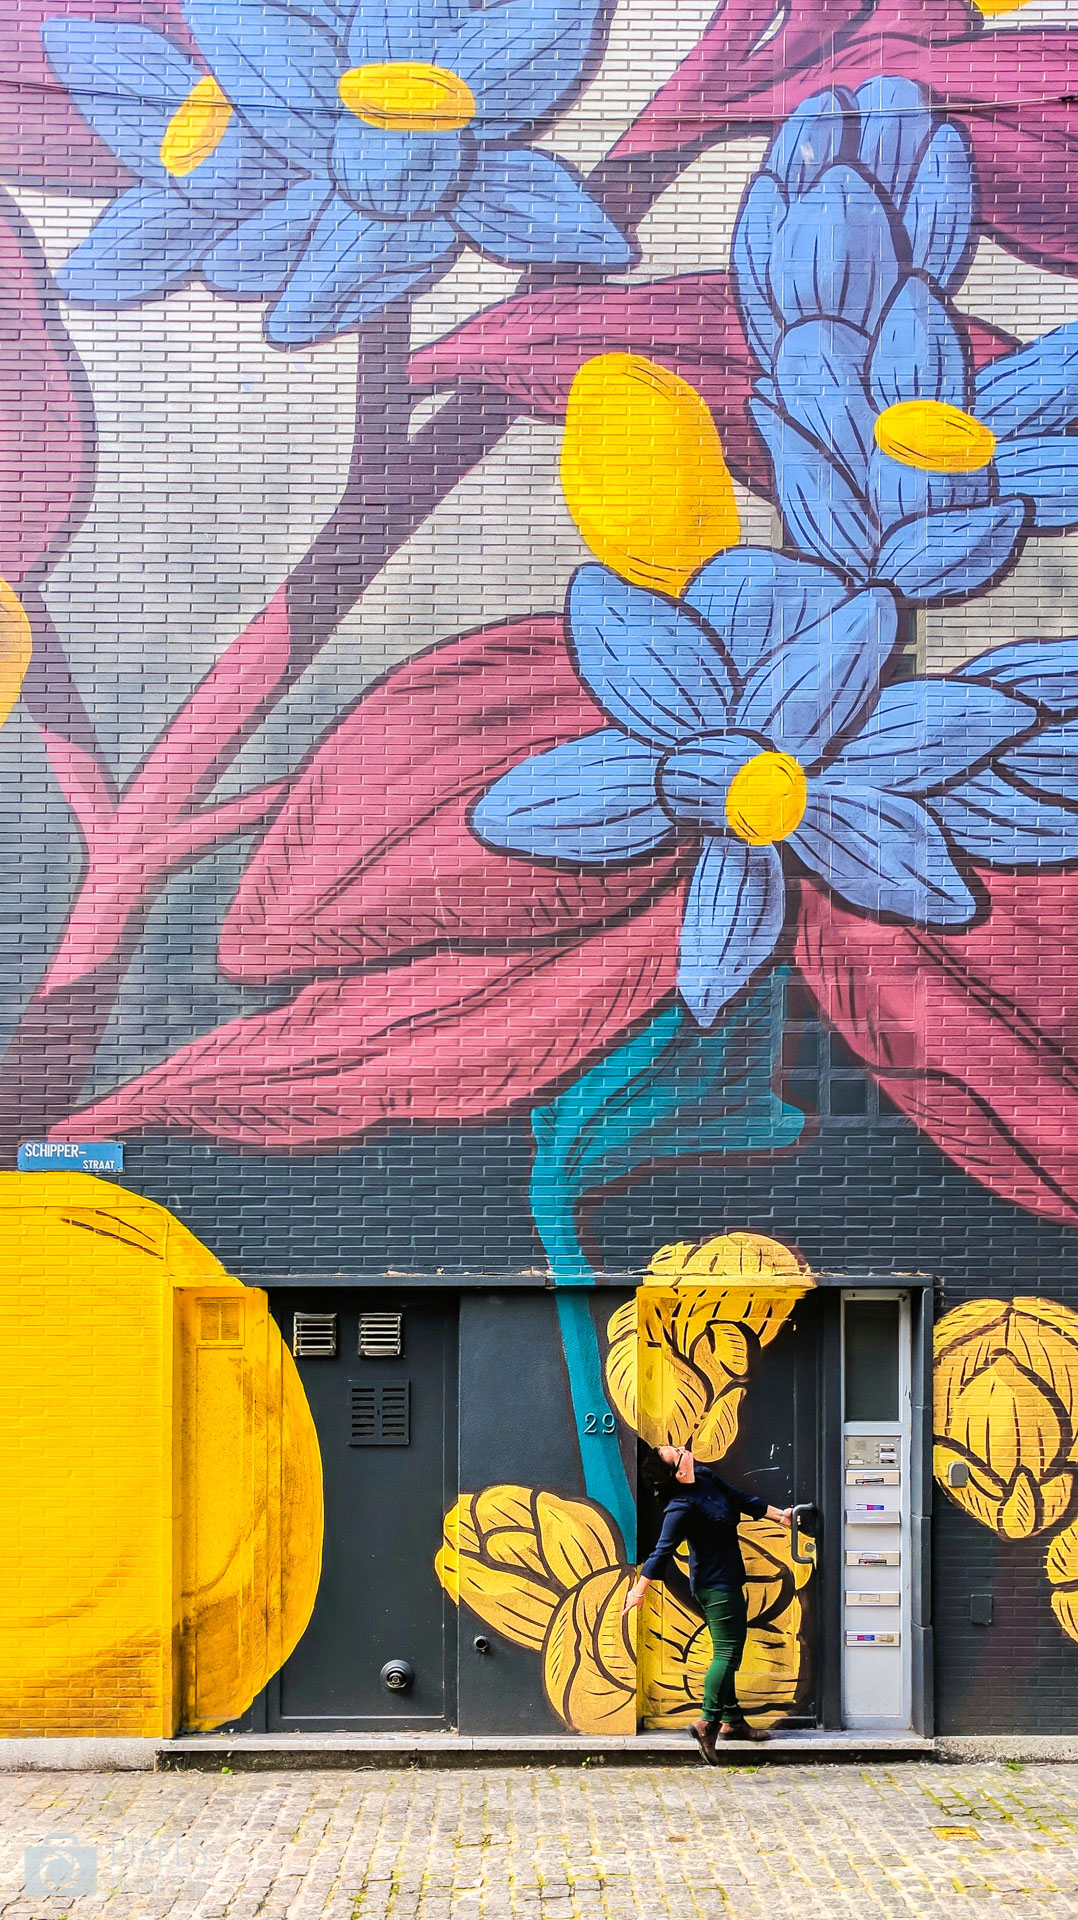 Au coin de Nieuwstraat et de Schipperstraat prône une œuvre unique proposée par  Pastel . A la fois architecte et peintre, il offre une combinaison harmonieuse entre la nature et les paysages urbains. De quoi faire tourner la tête de tous les passants.